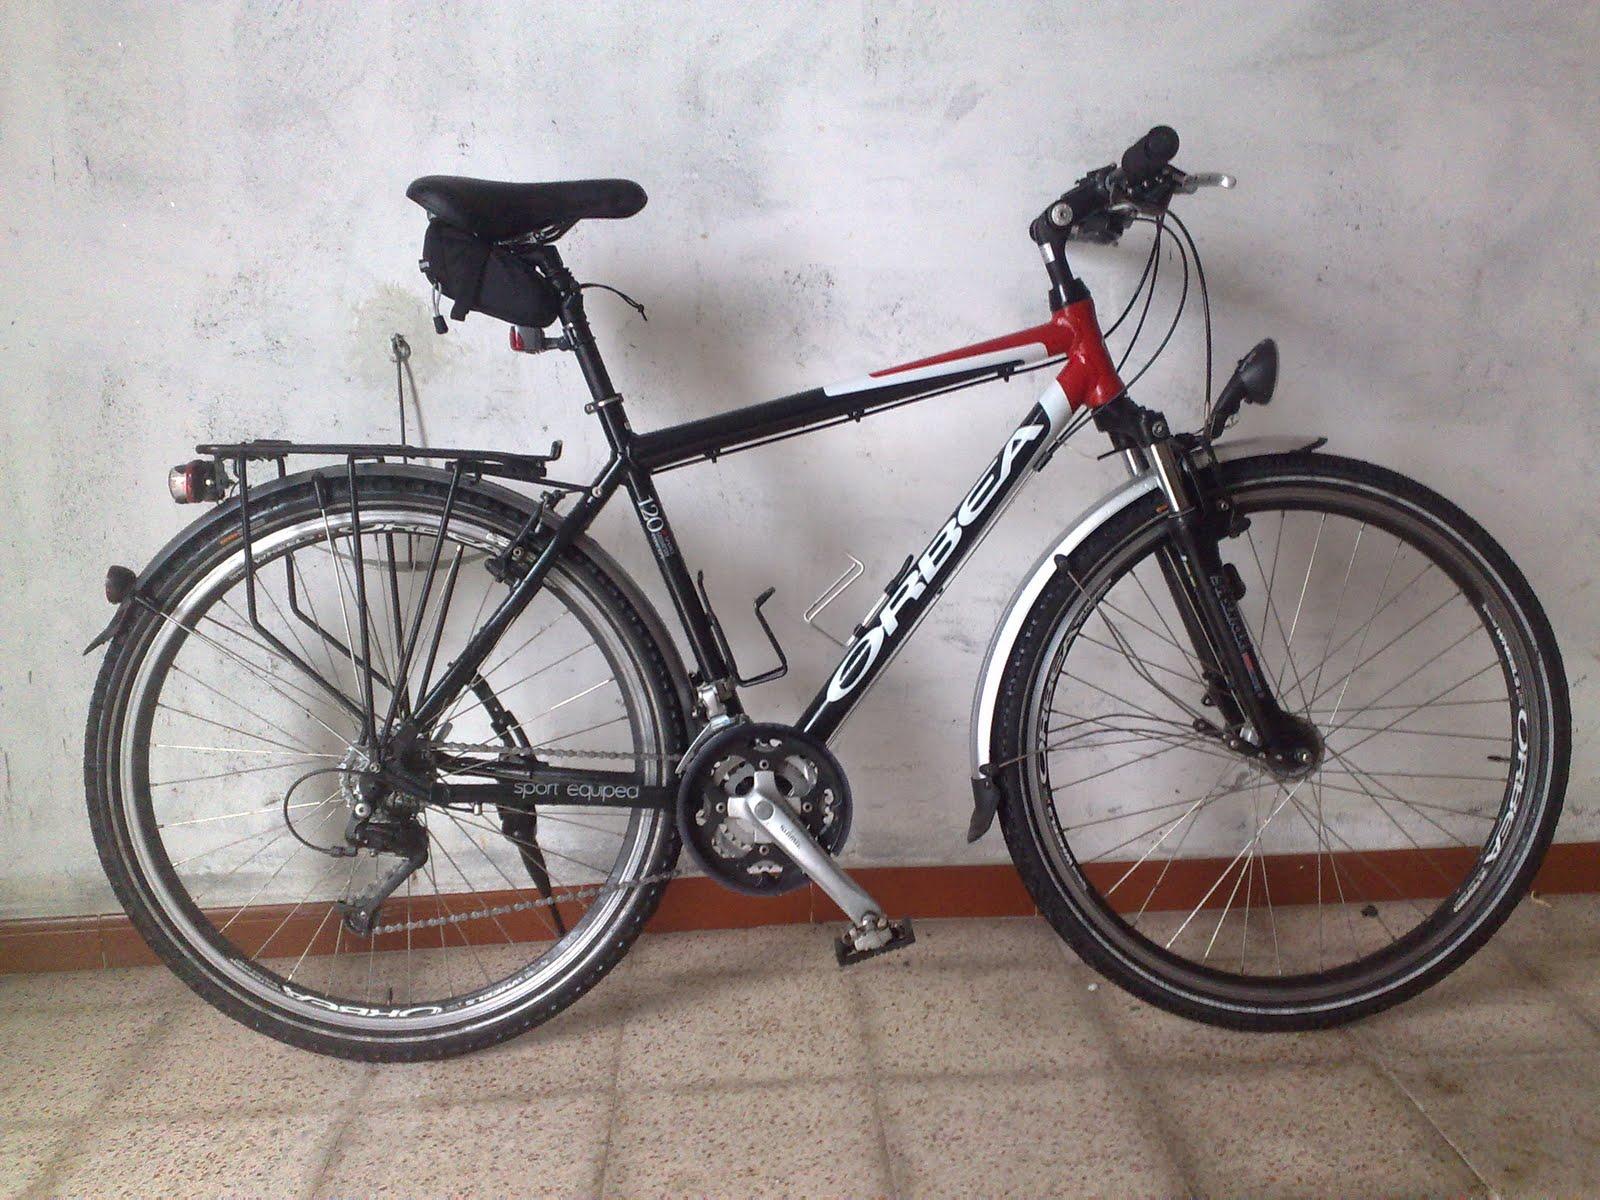 miorbea.com: Como se me rompió el cuadro de mi bici en el momento en ...